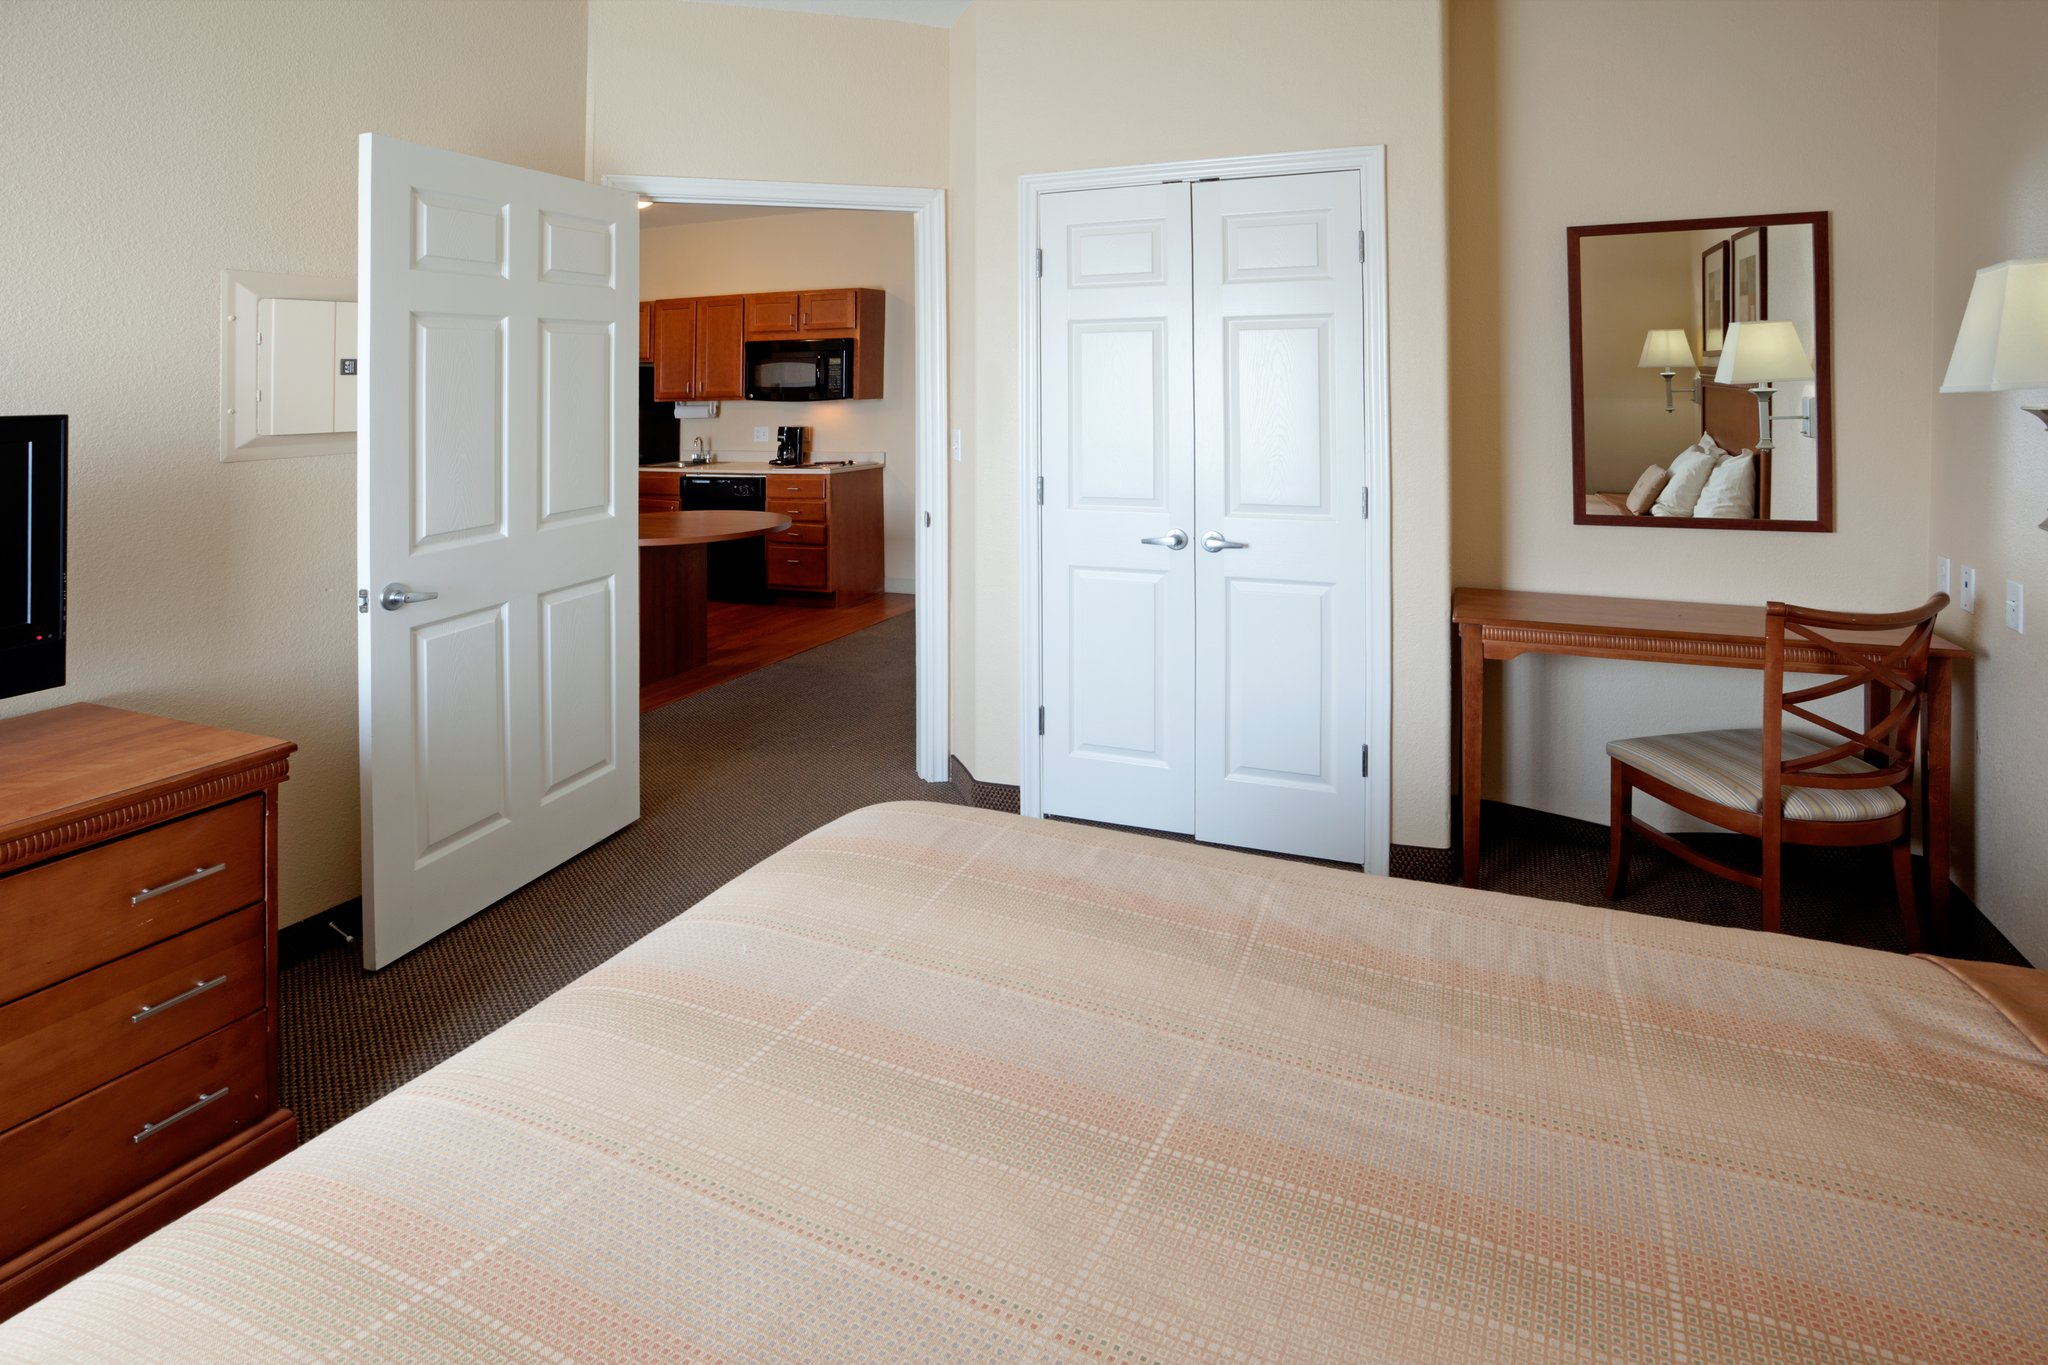 Candlewood Suites Corpus Christi-SPID